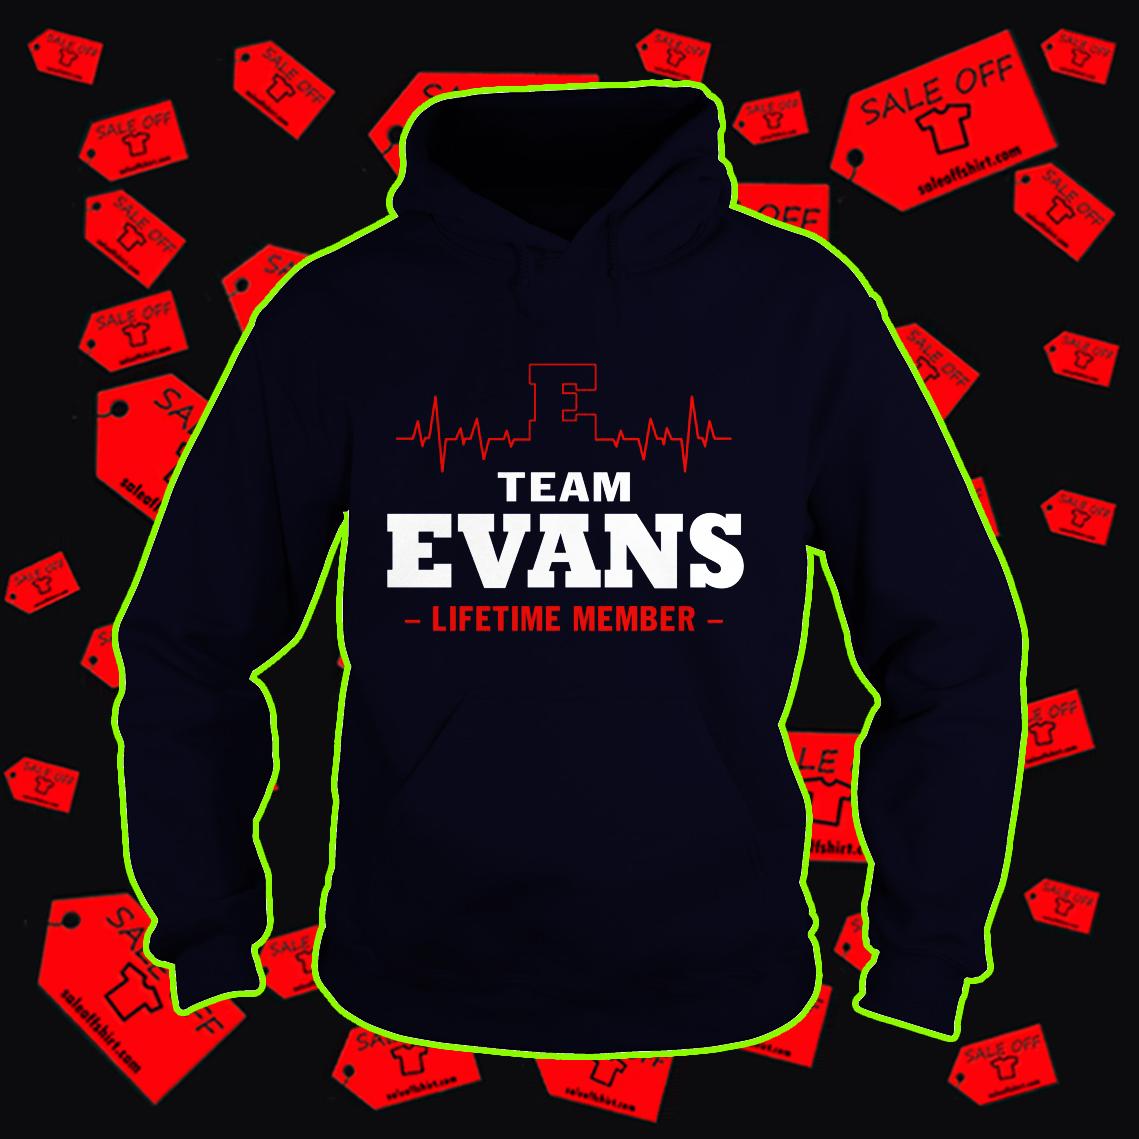 Team Evans lifetime member hoodie